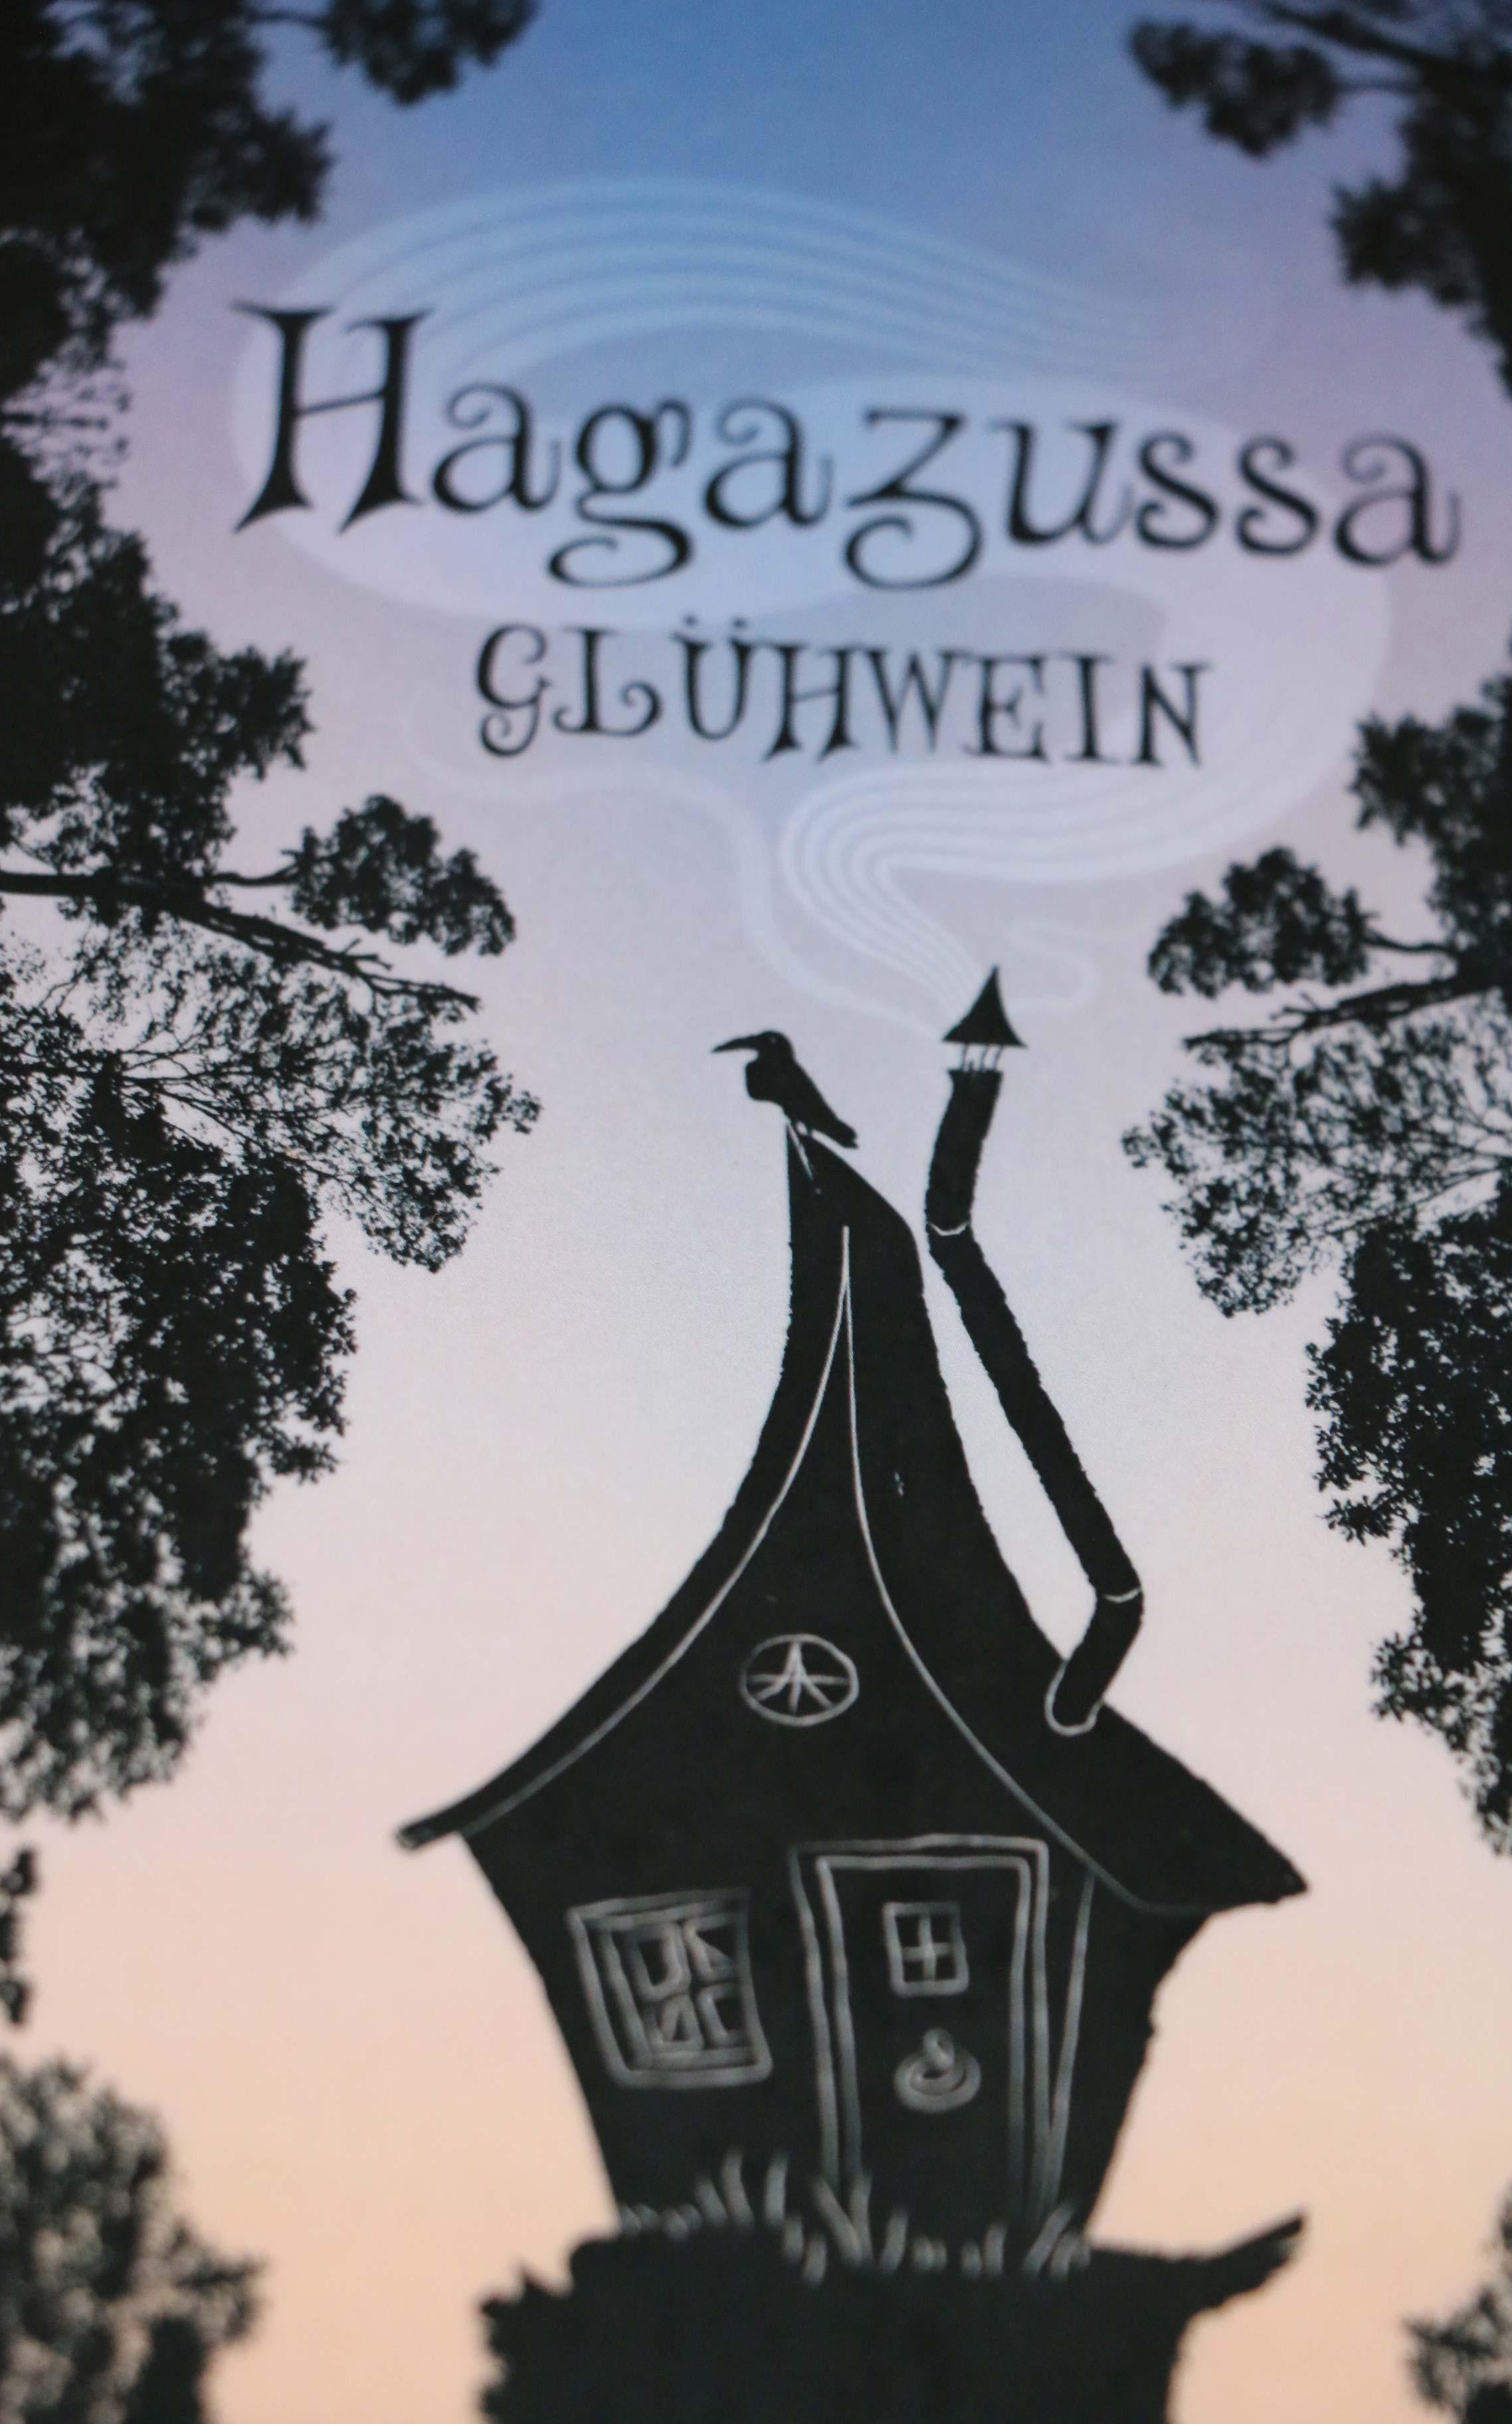 Gluehweinstand6.jpg